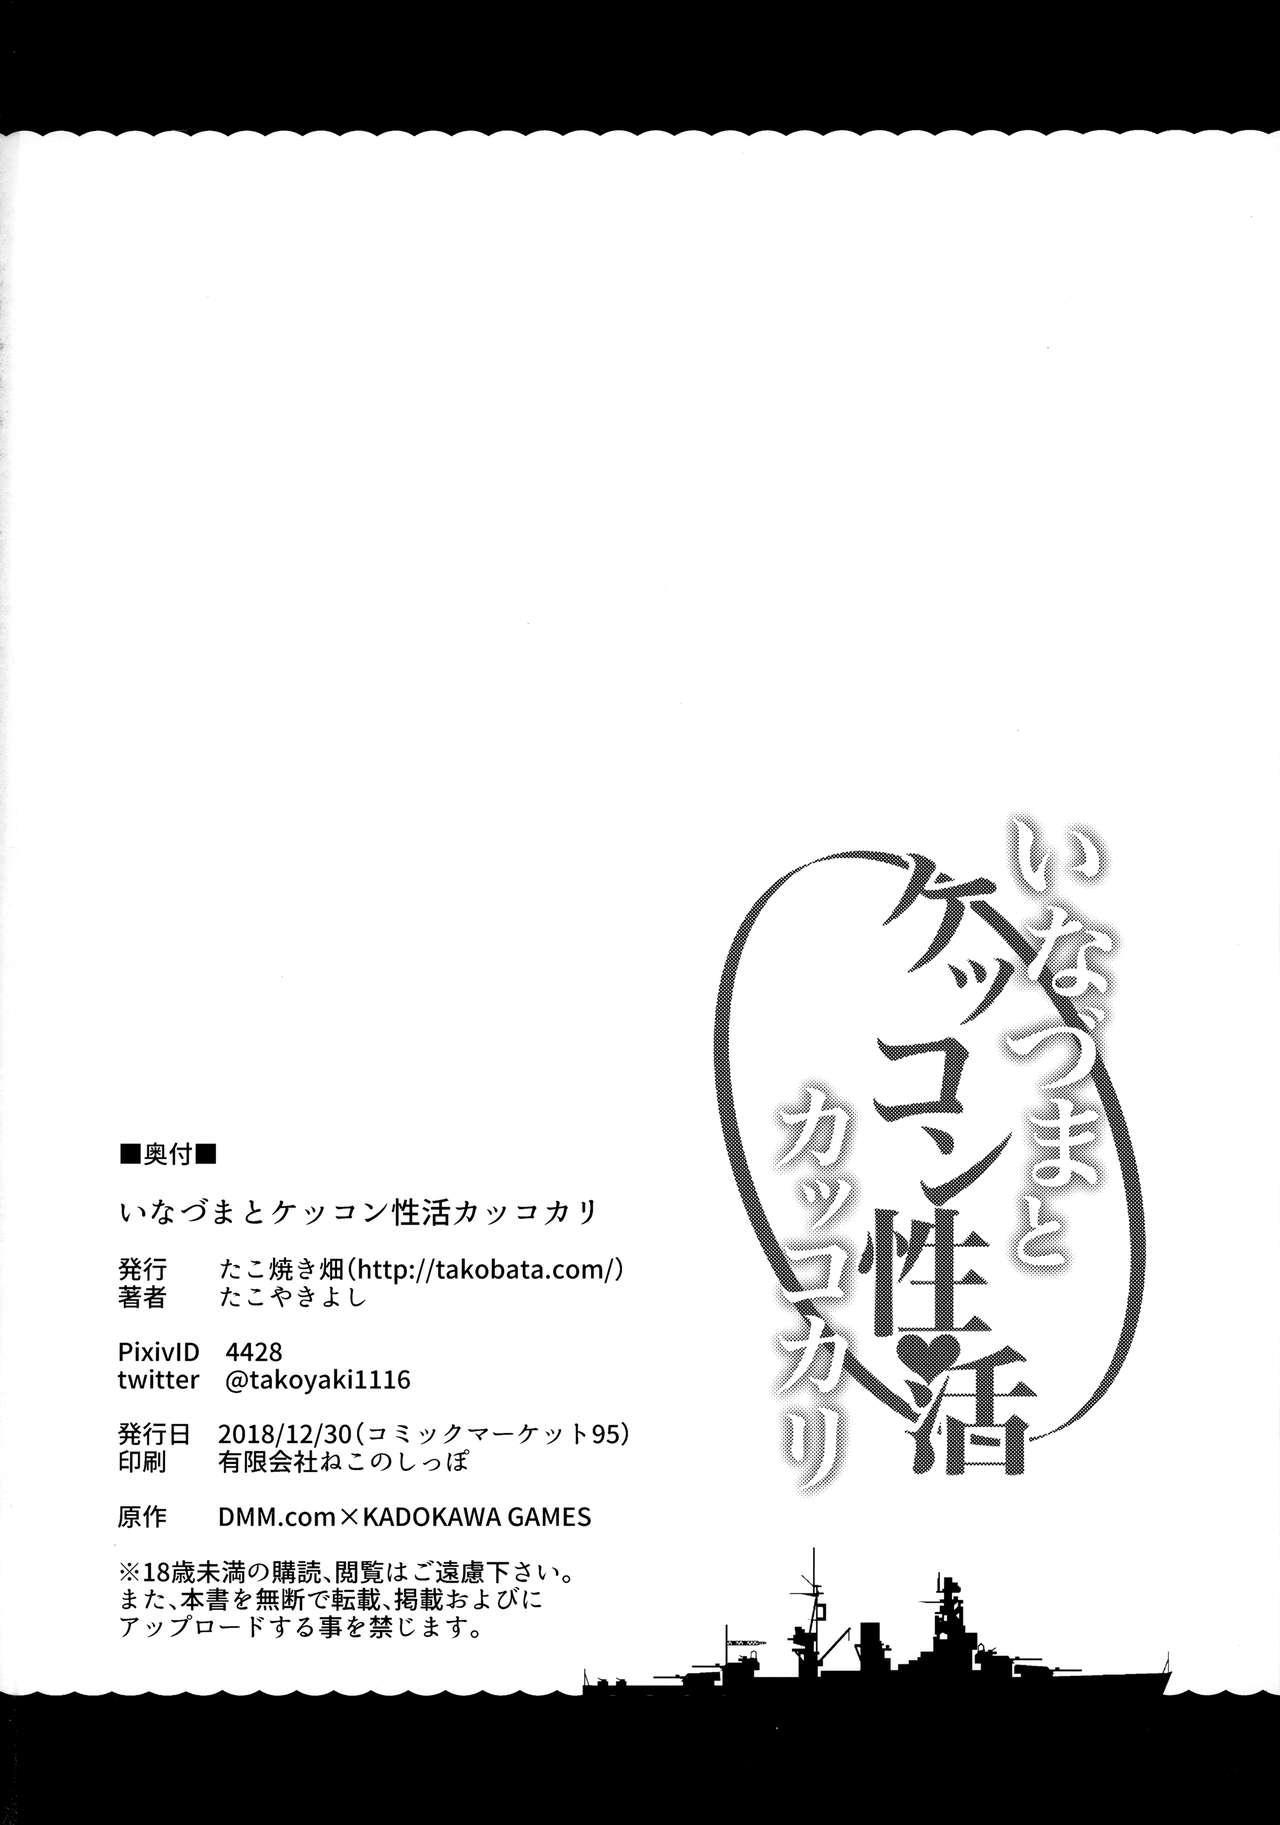 Inazuma to Kekkon Seikatsu Kakkokari 25